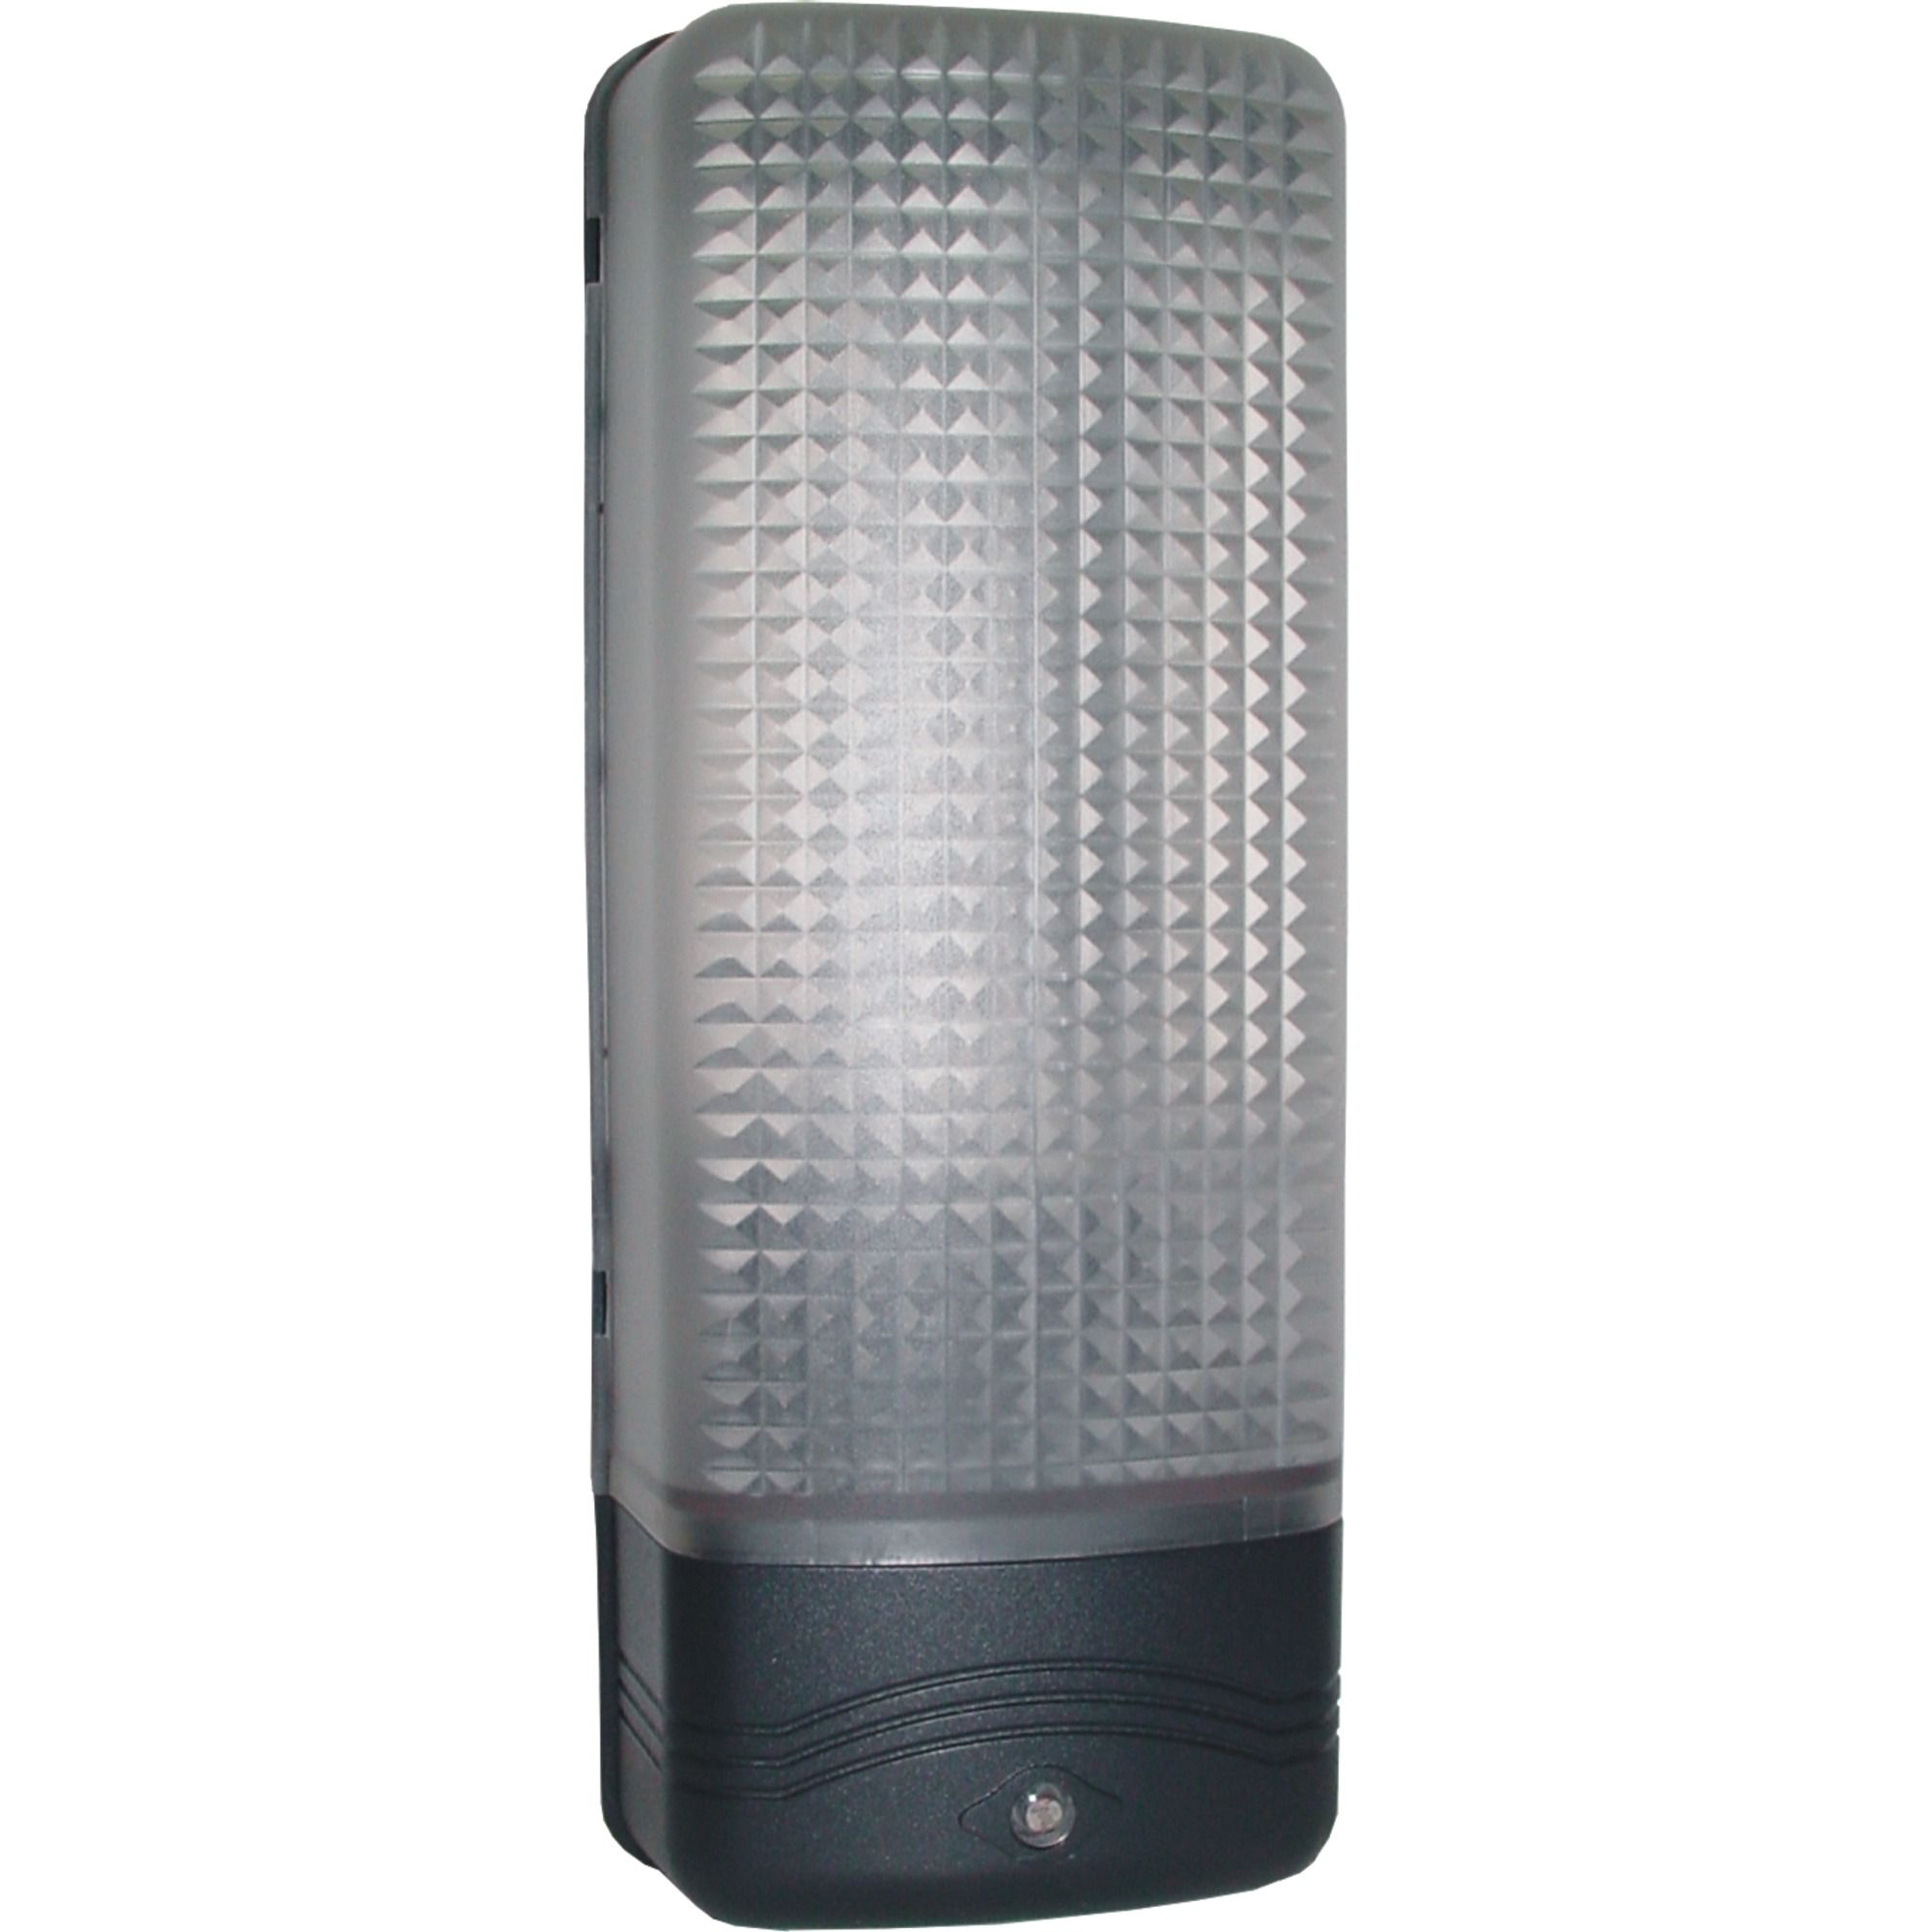 Buitenlamp Met Sensor Karwei.Buitenlamp Zwart Met Dag Nacht Sensor In 2019 Products